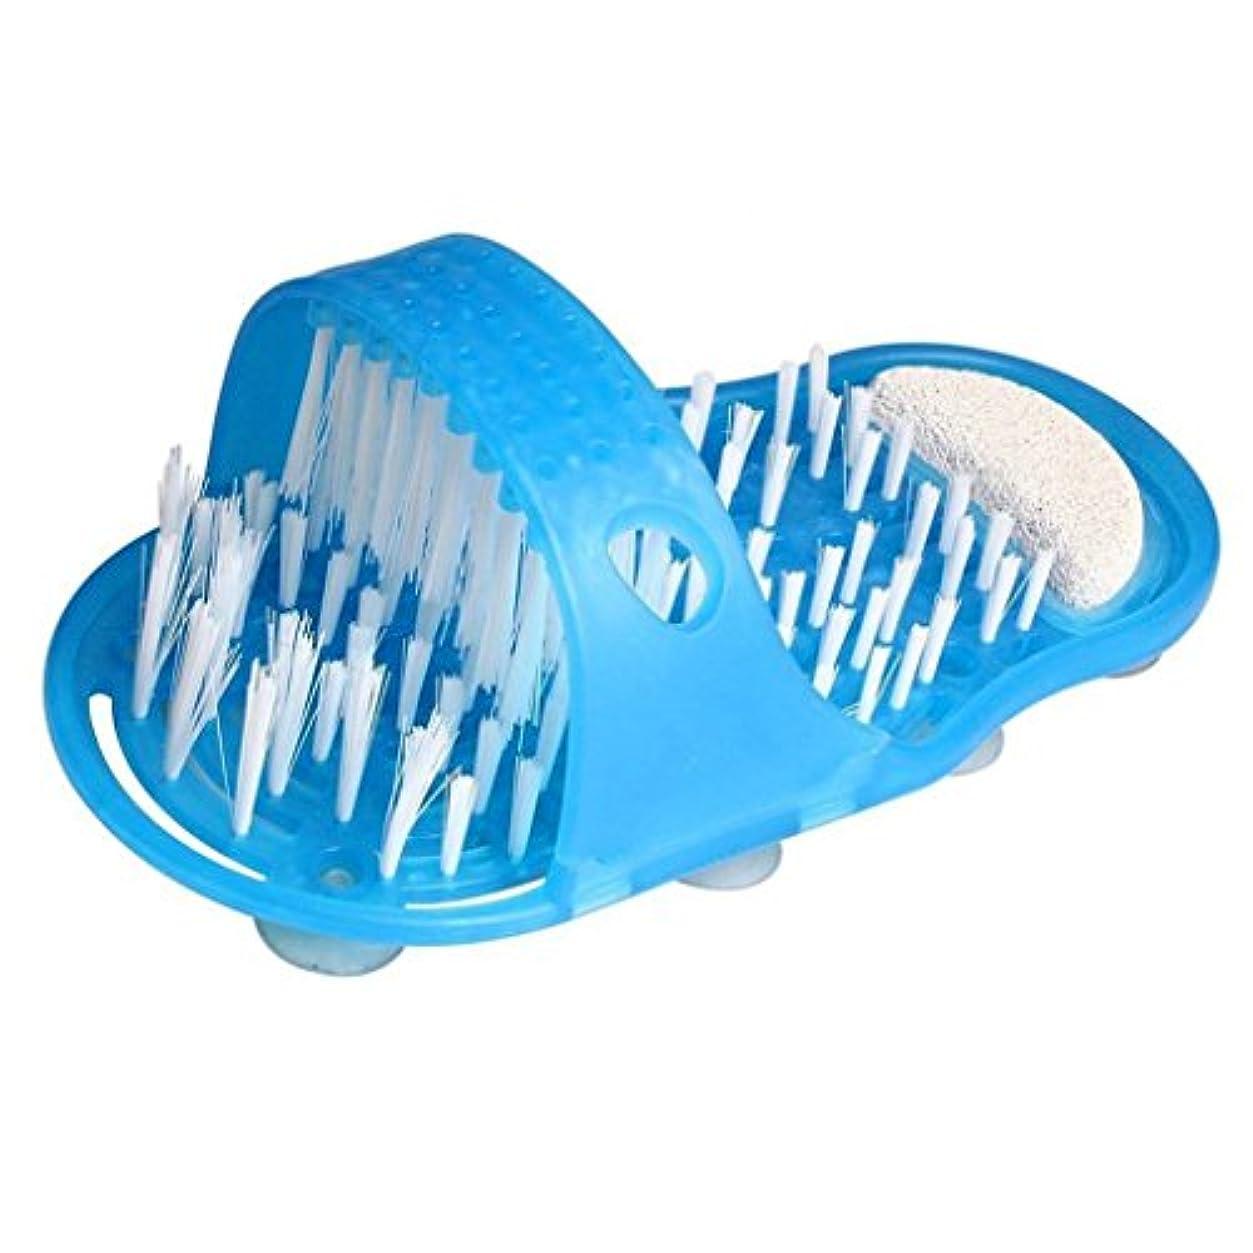 増強プレゼント発音するCUTICATE フットマッサージスクラバー シャワー バスルームスリッパ フィートケア マッサージャー